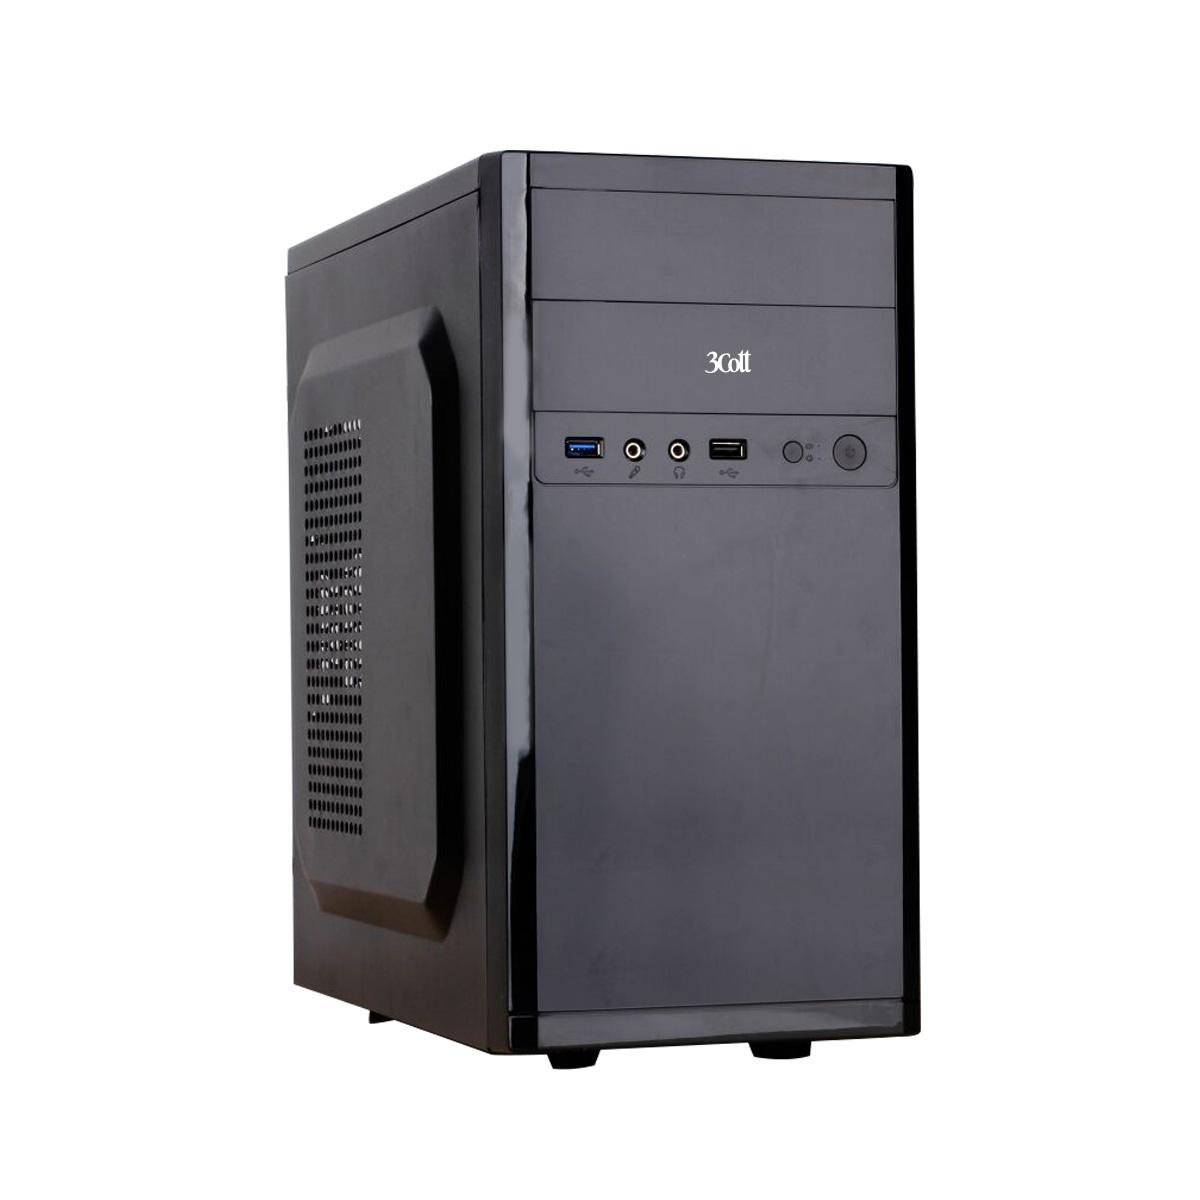 Компьютер Home 316 )AMD X4 845 (3.5GHz)/4Gb/1000Gb/2Gb GT1030/Win10H SL 64-bit